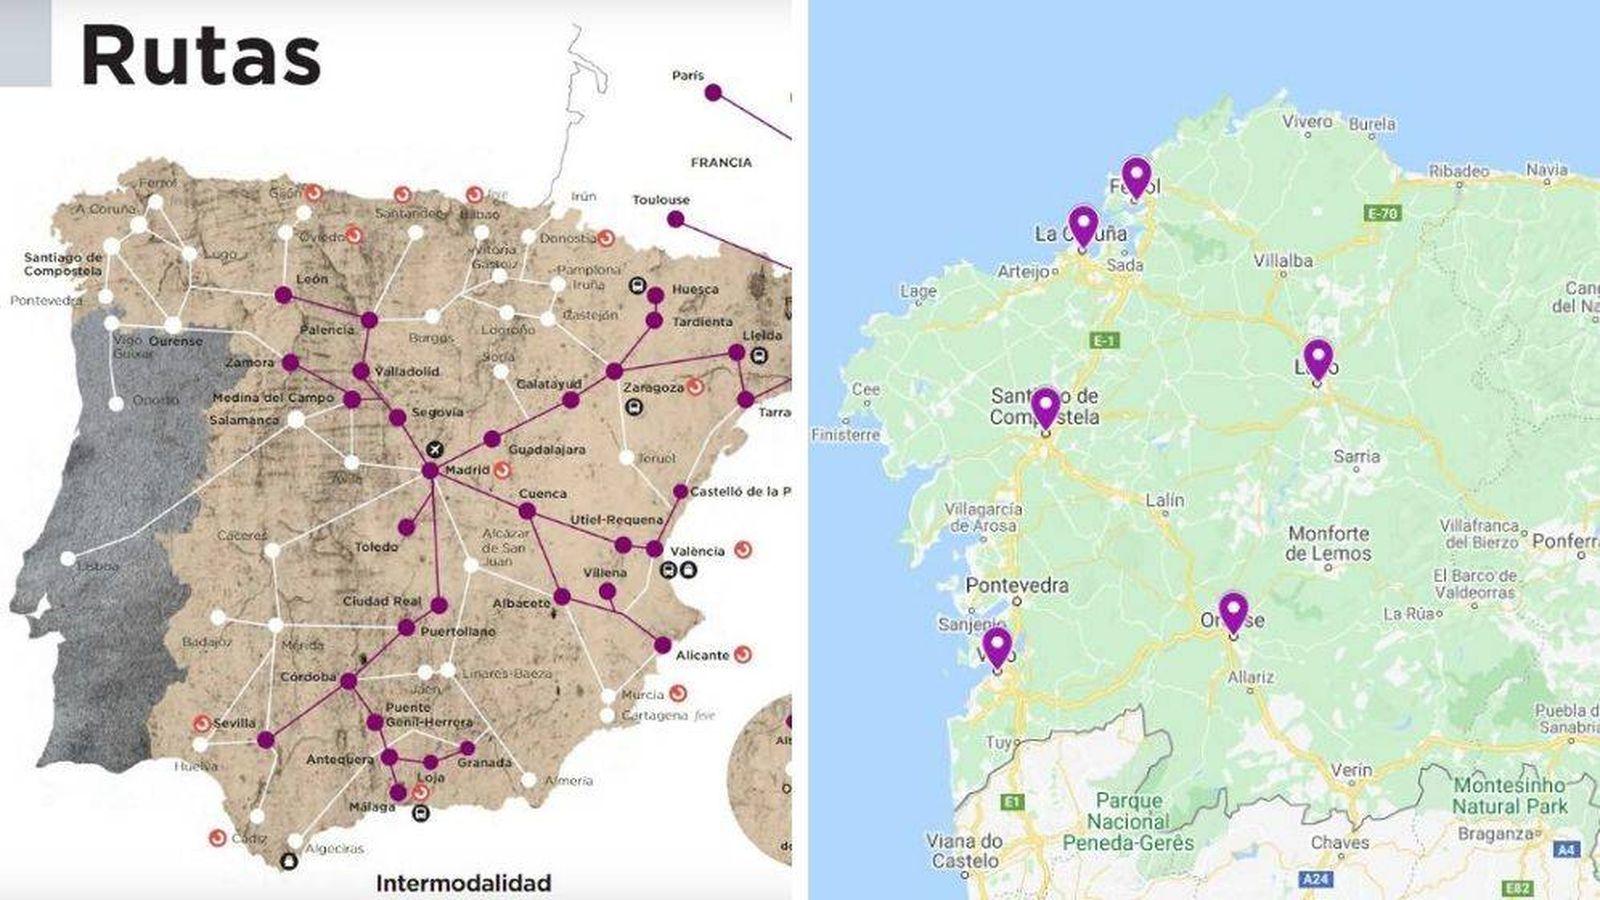 Renfe Se Inventa Su Propio Mapa Vigo Es Portugal Y Oporto Pierde